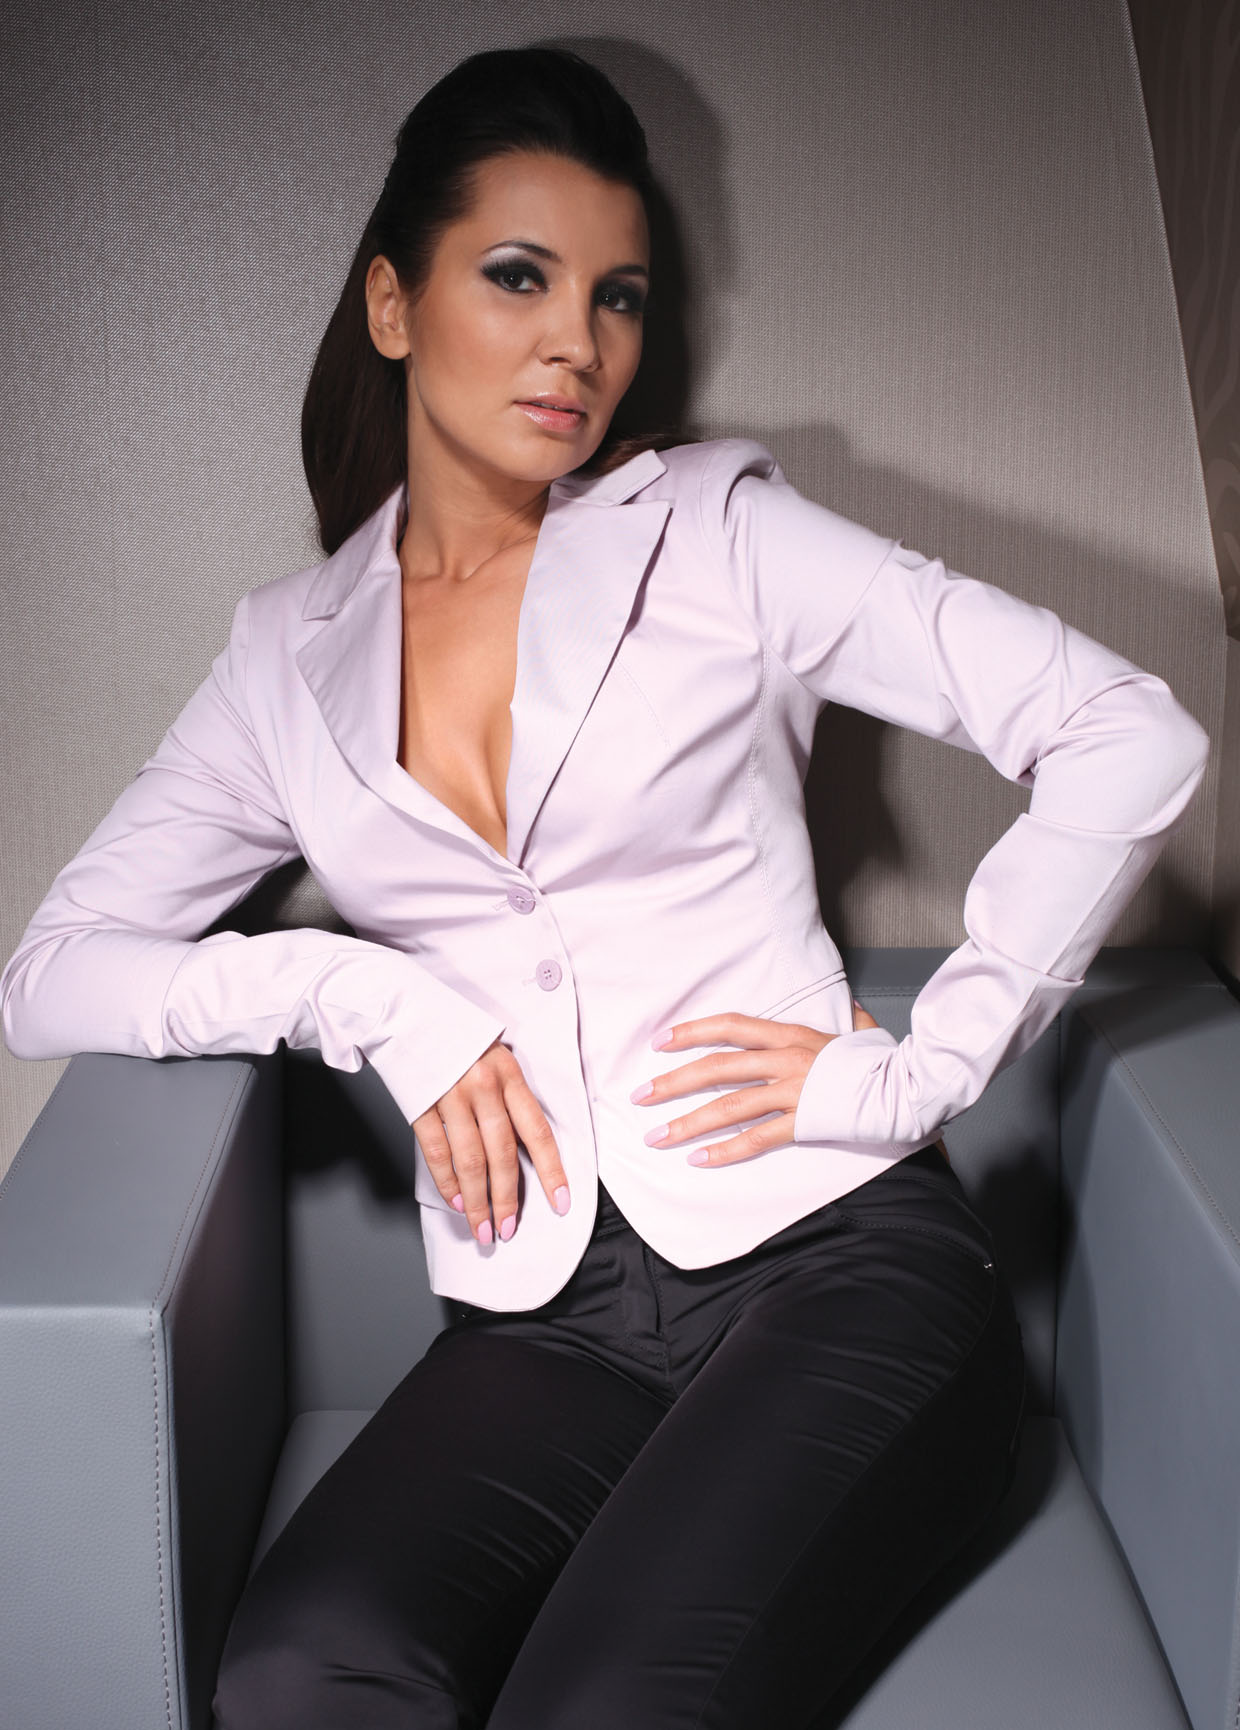 Российские бизнес леди фото 11 фотография